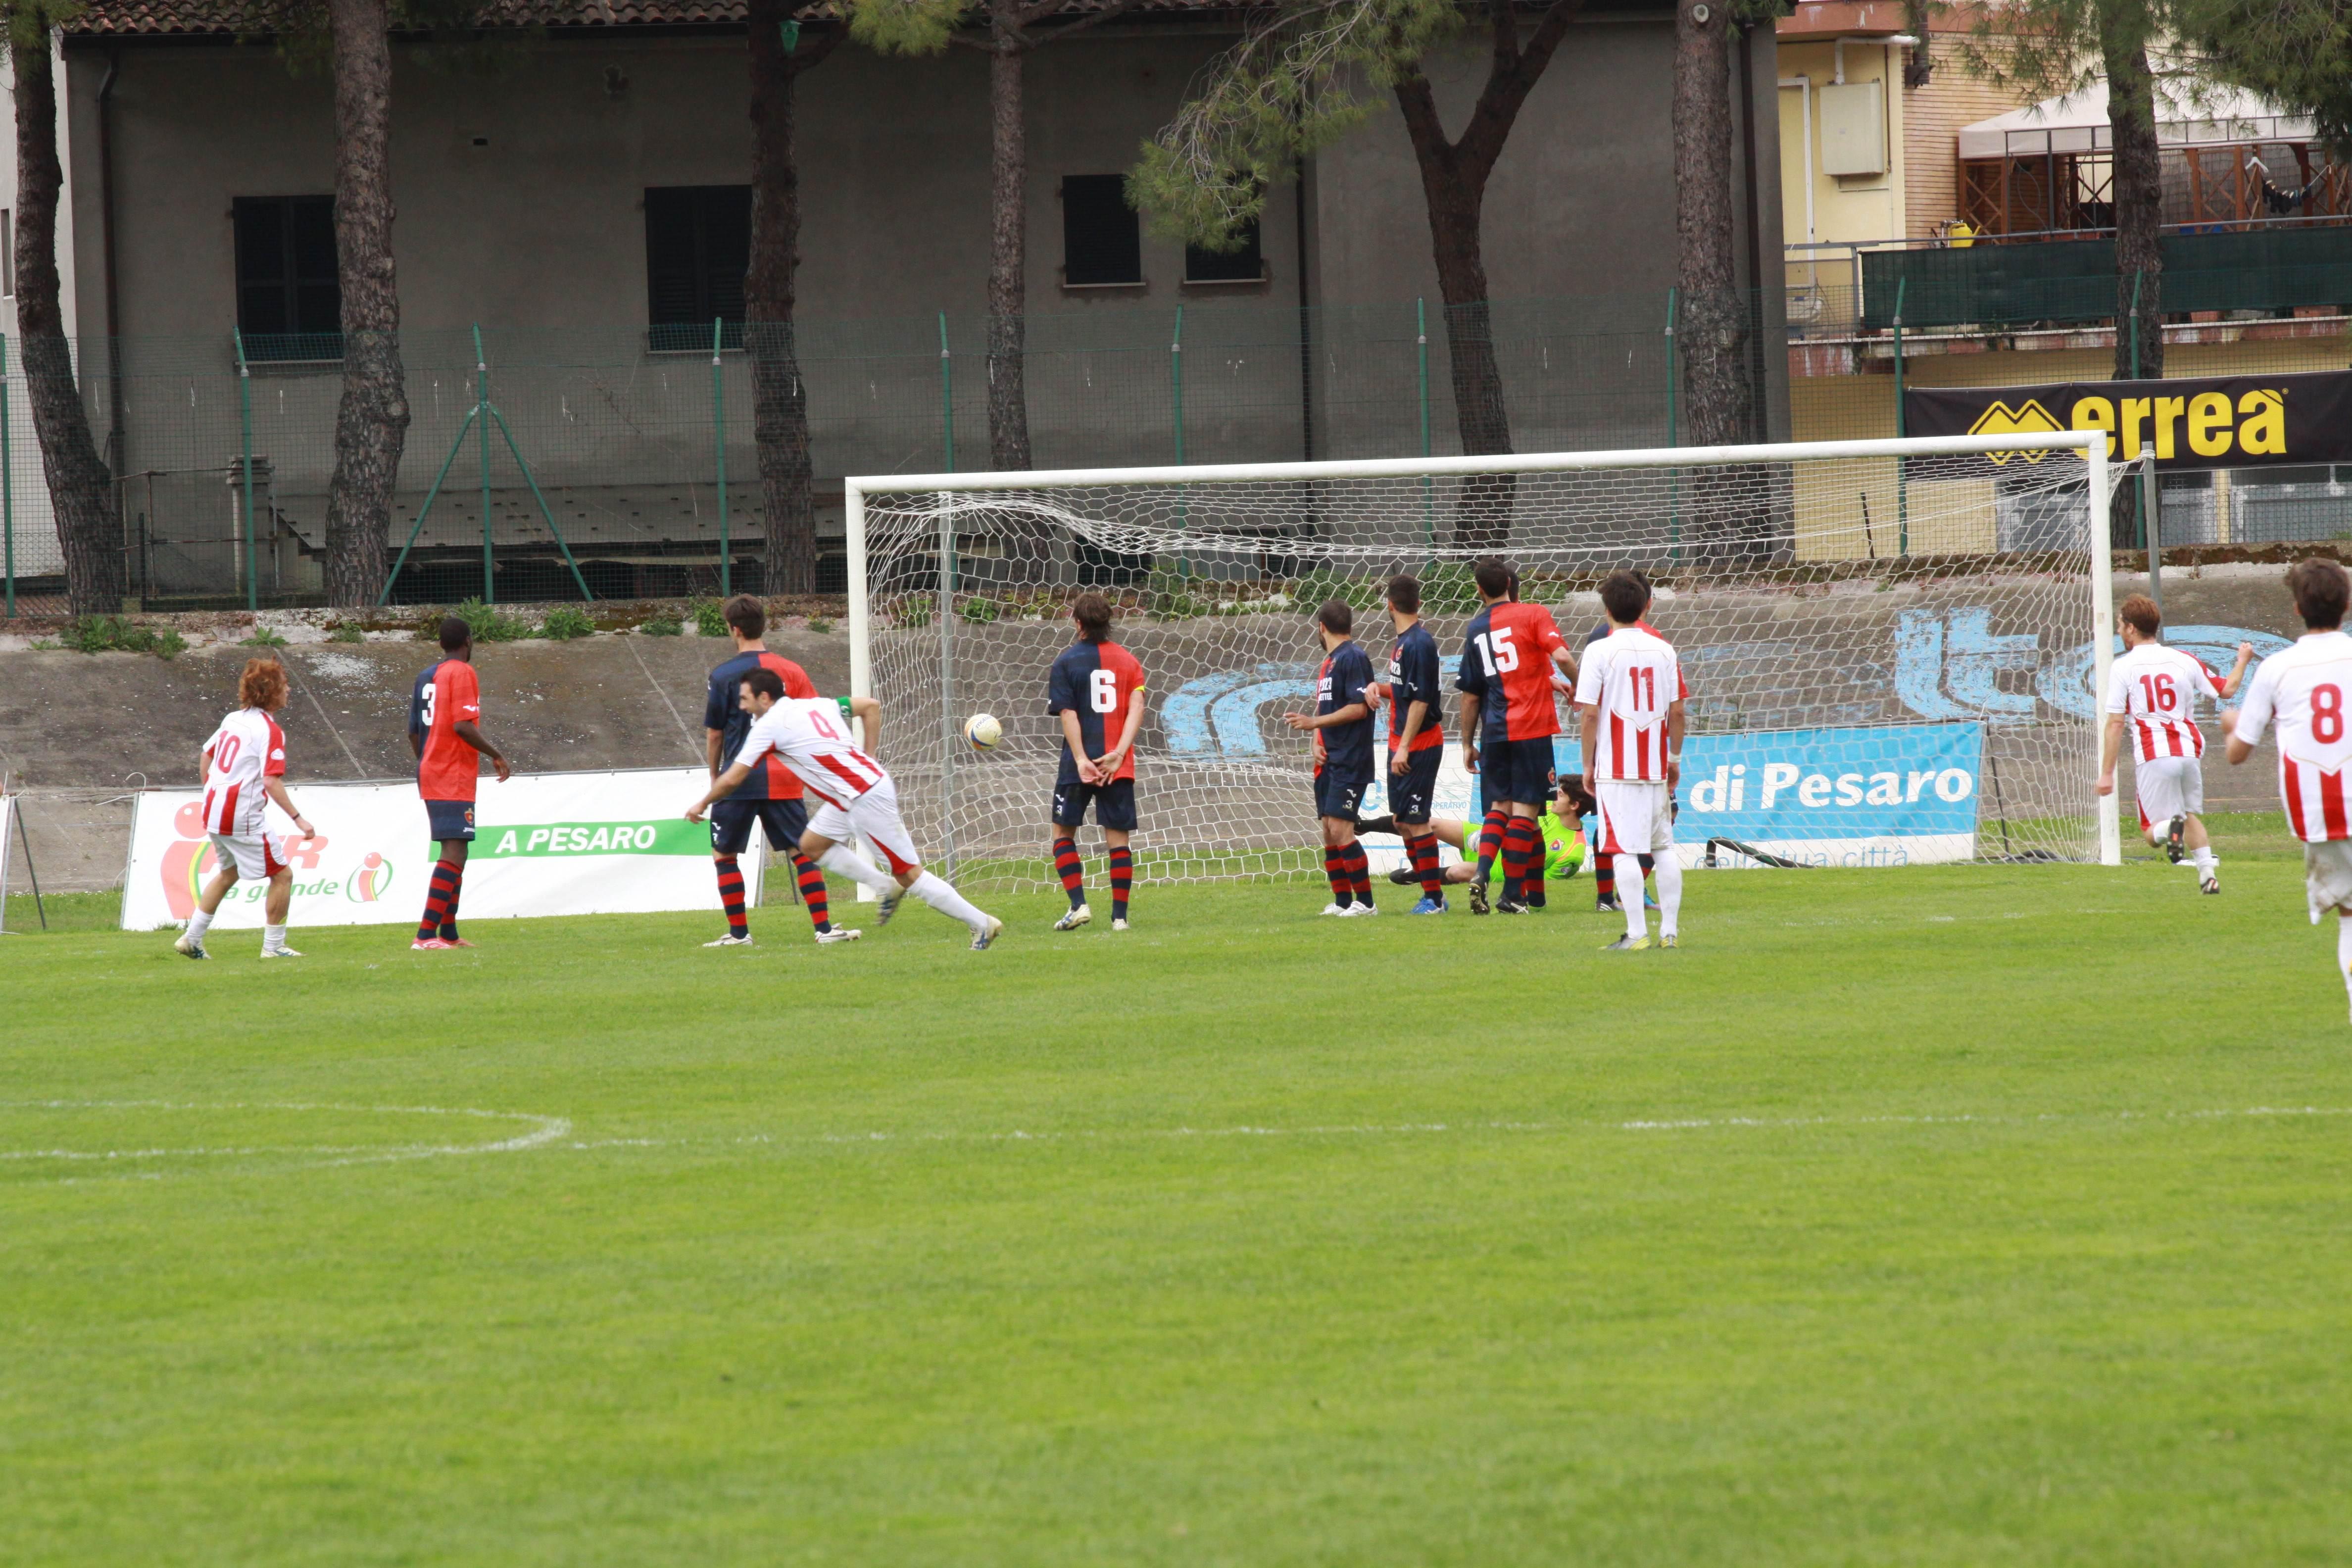 Samb-Vis Pesaro (bianchini) il 2-0